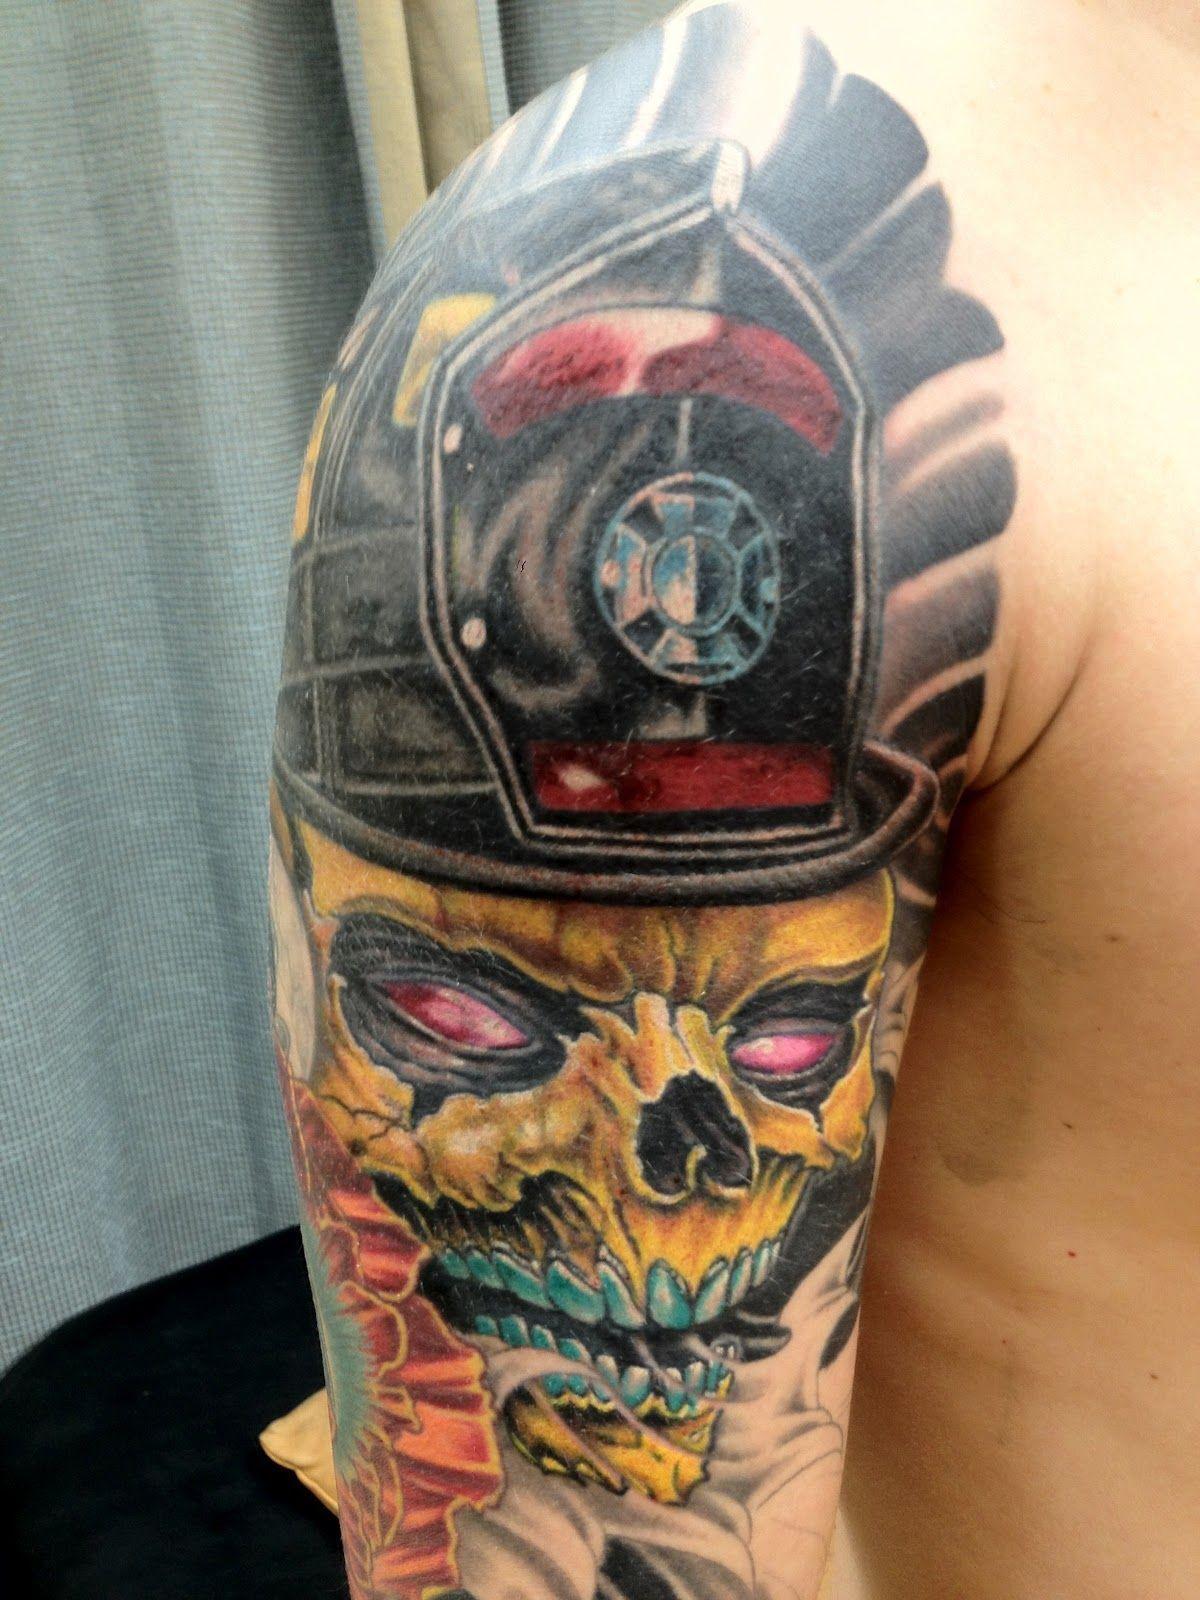 Sick Firefighting Tats Skull Tattoos Half Sleeve Tattoo within size 1200 X 1600